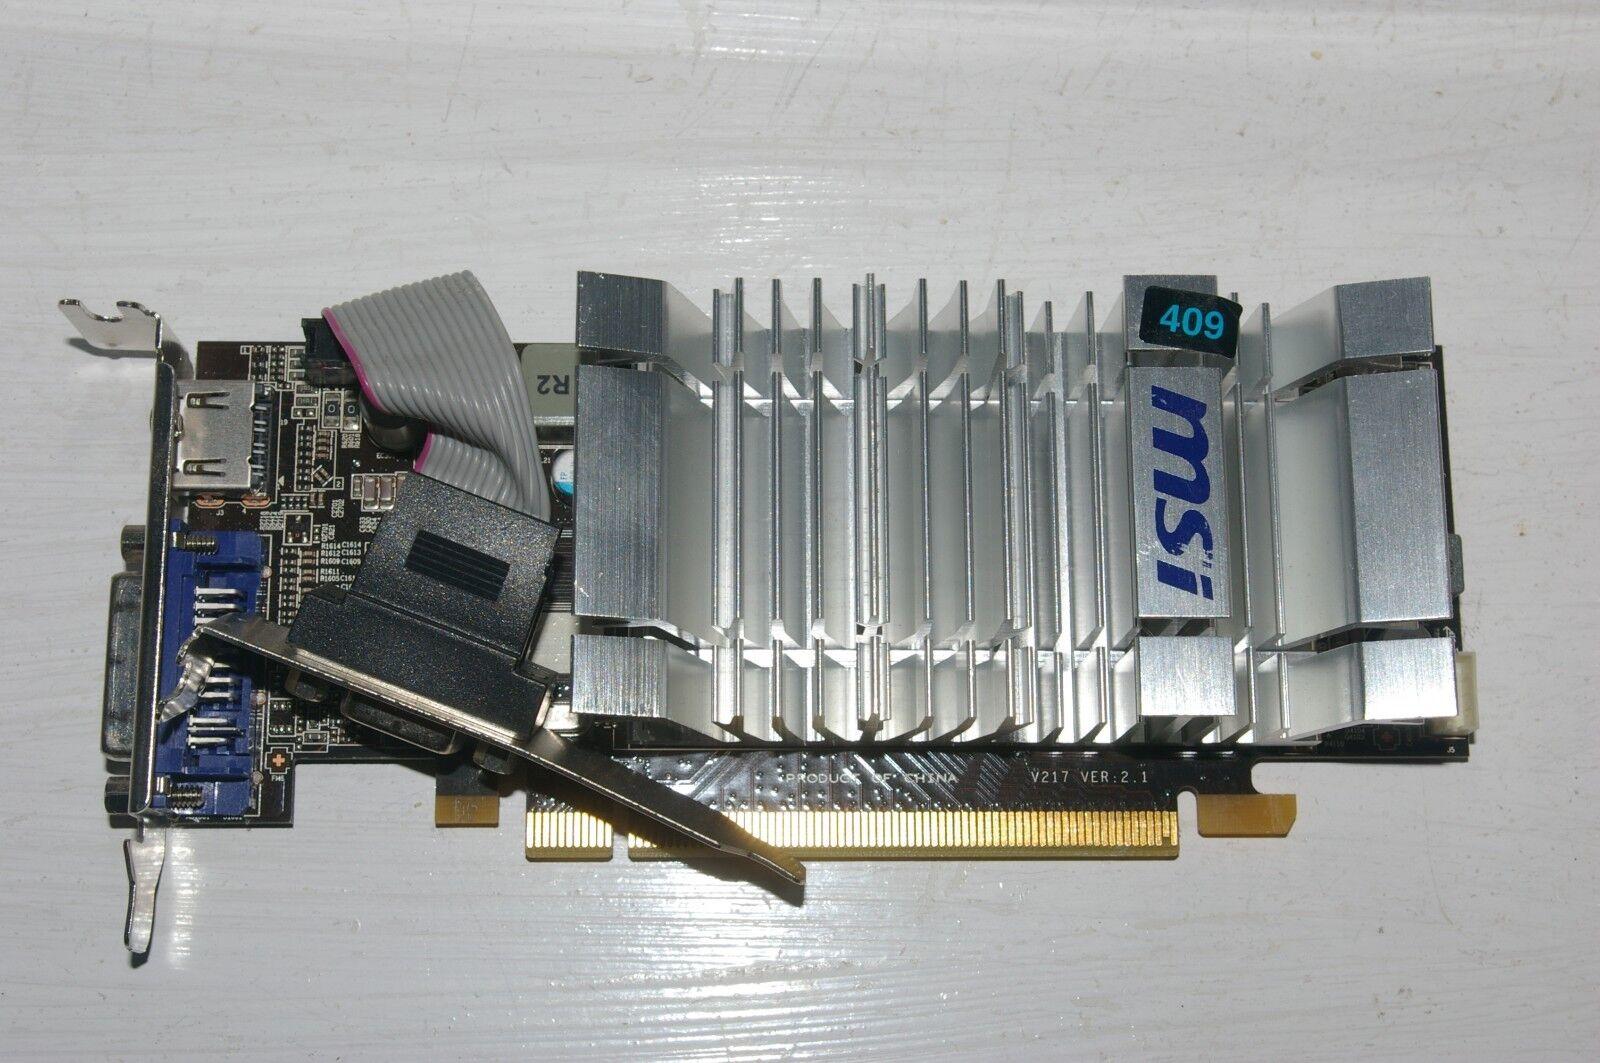 MSI ATI AMD RADEON HD5450 CEDAR 1 GB RAM HDMI/DVI/VGA